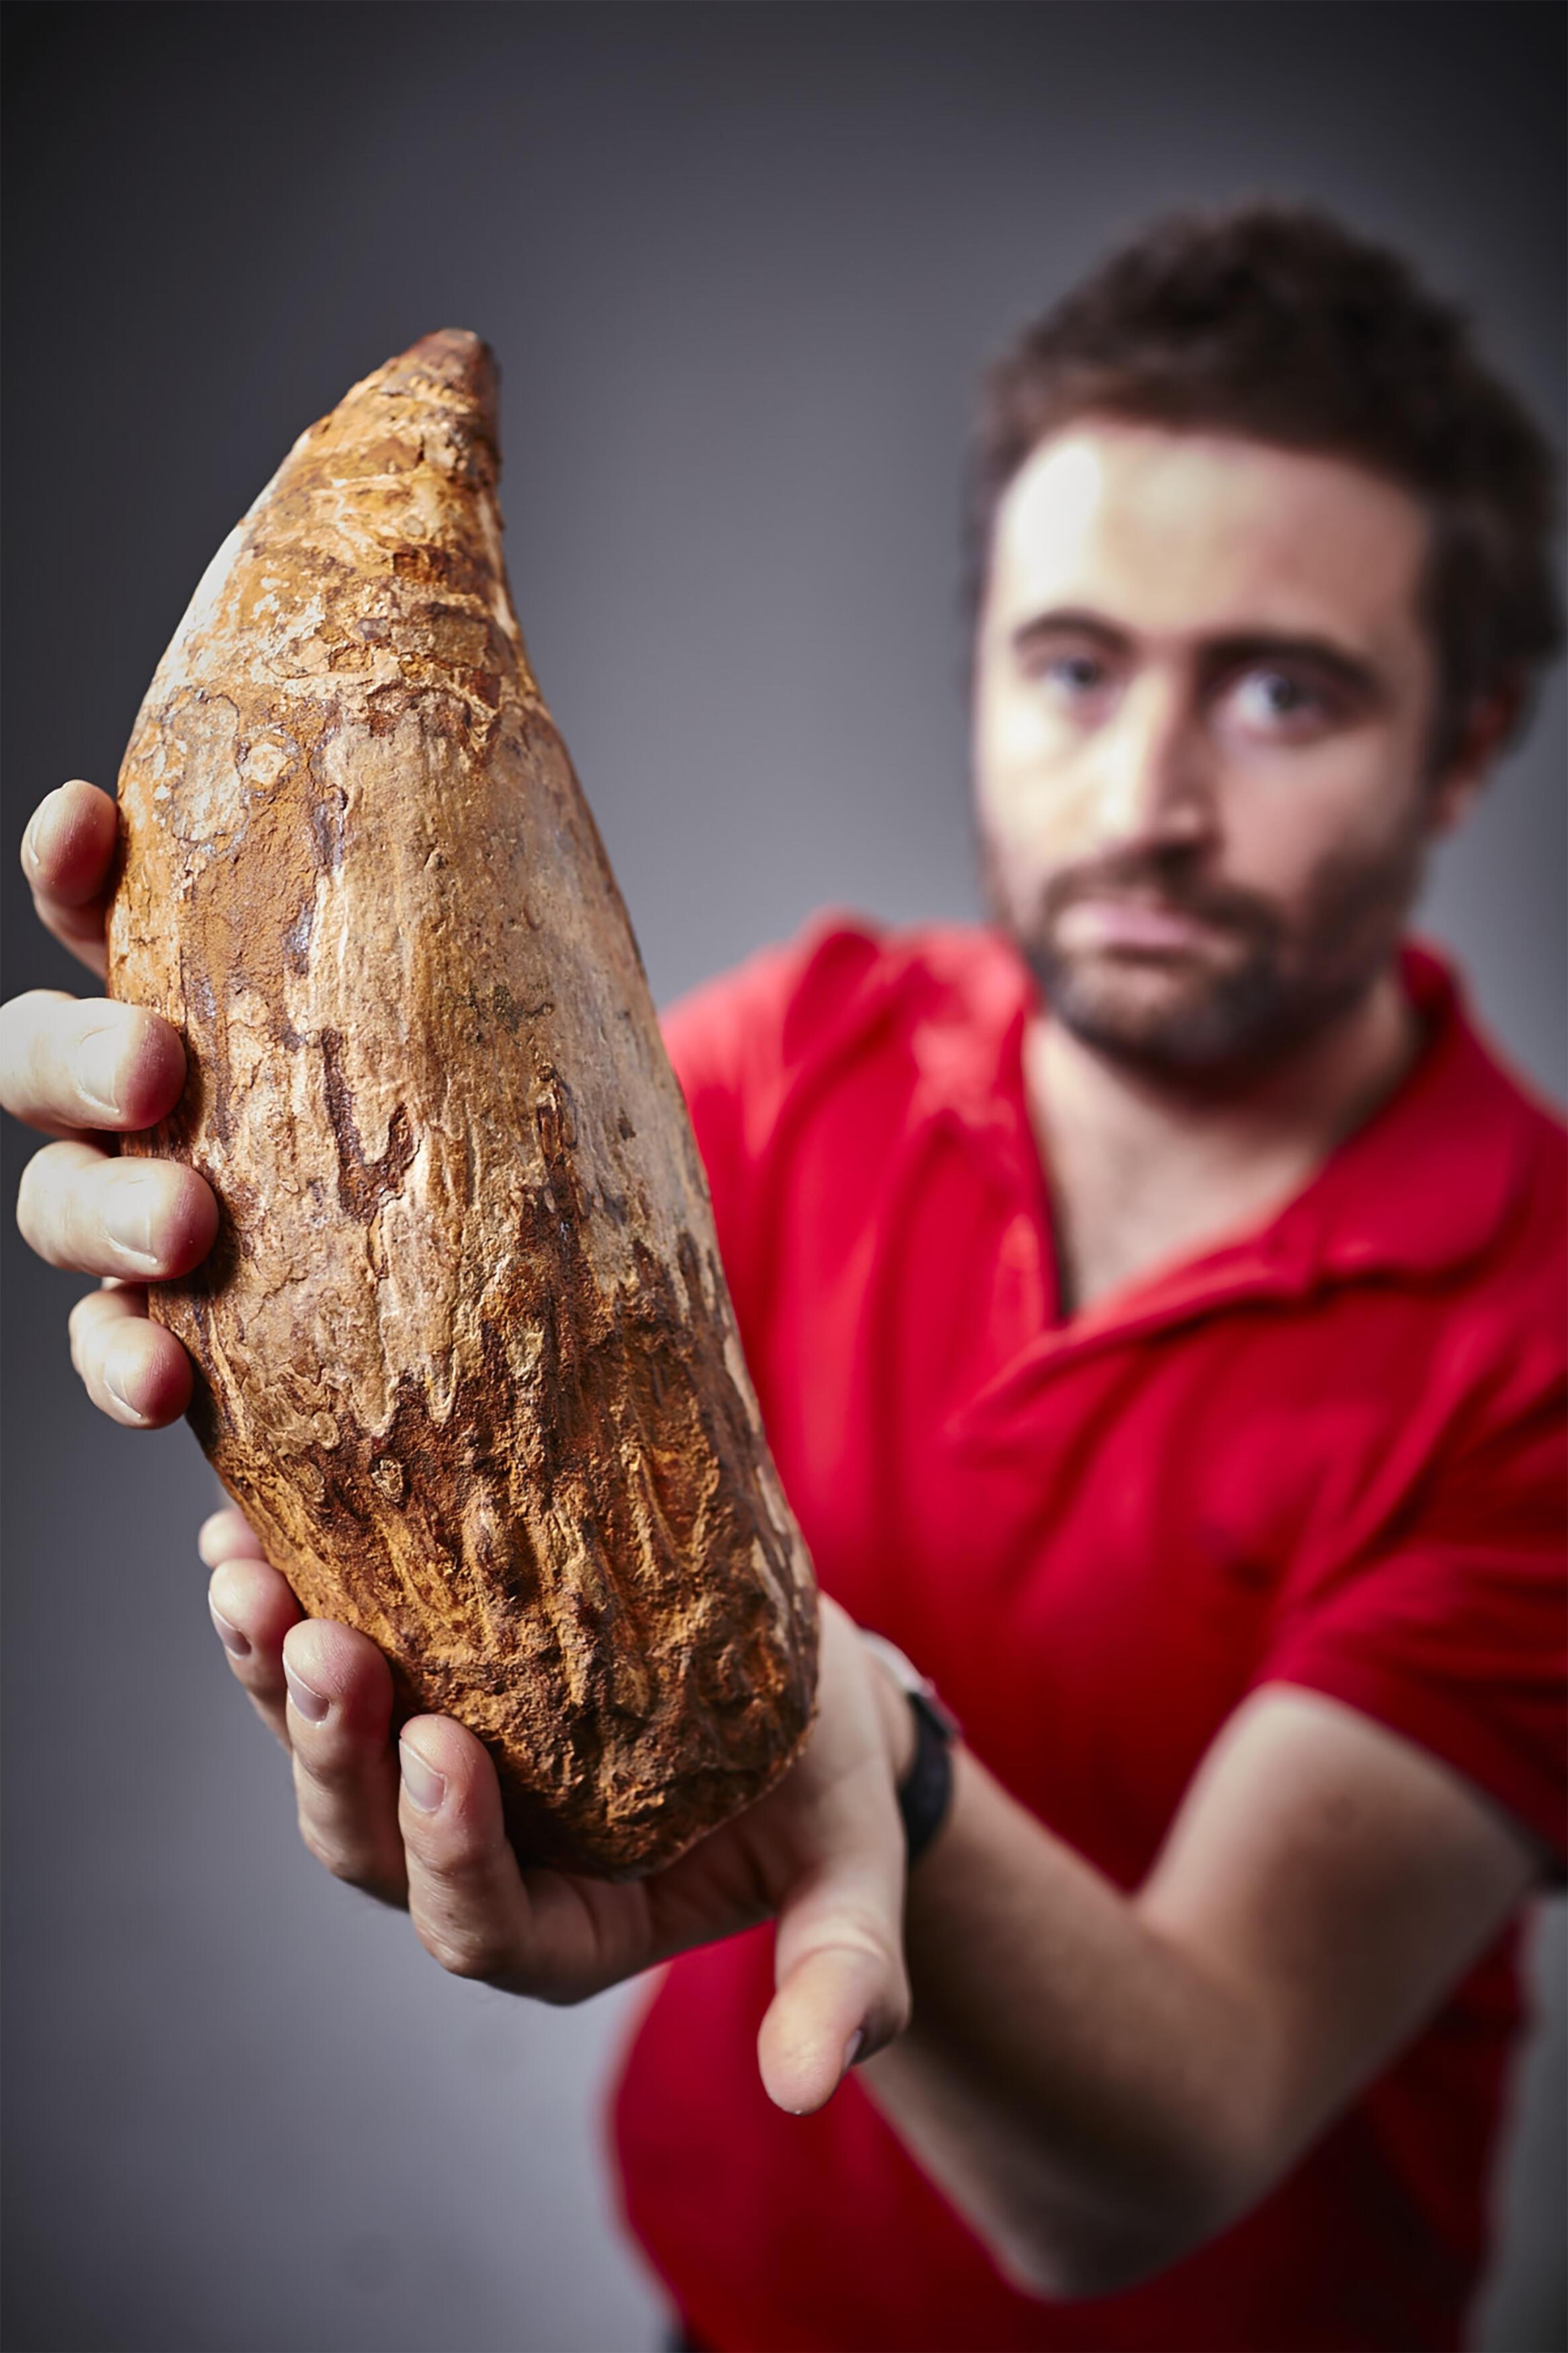 Retrouvée en Australie, cette dent de cachalot mesure plus de 30 centimètres et serait vieille de cinq millions d'années.